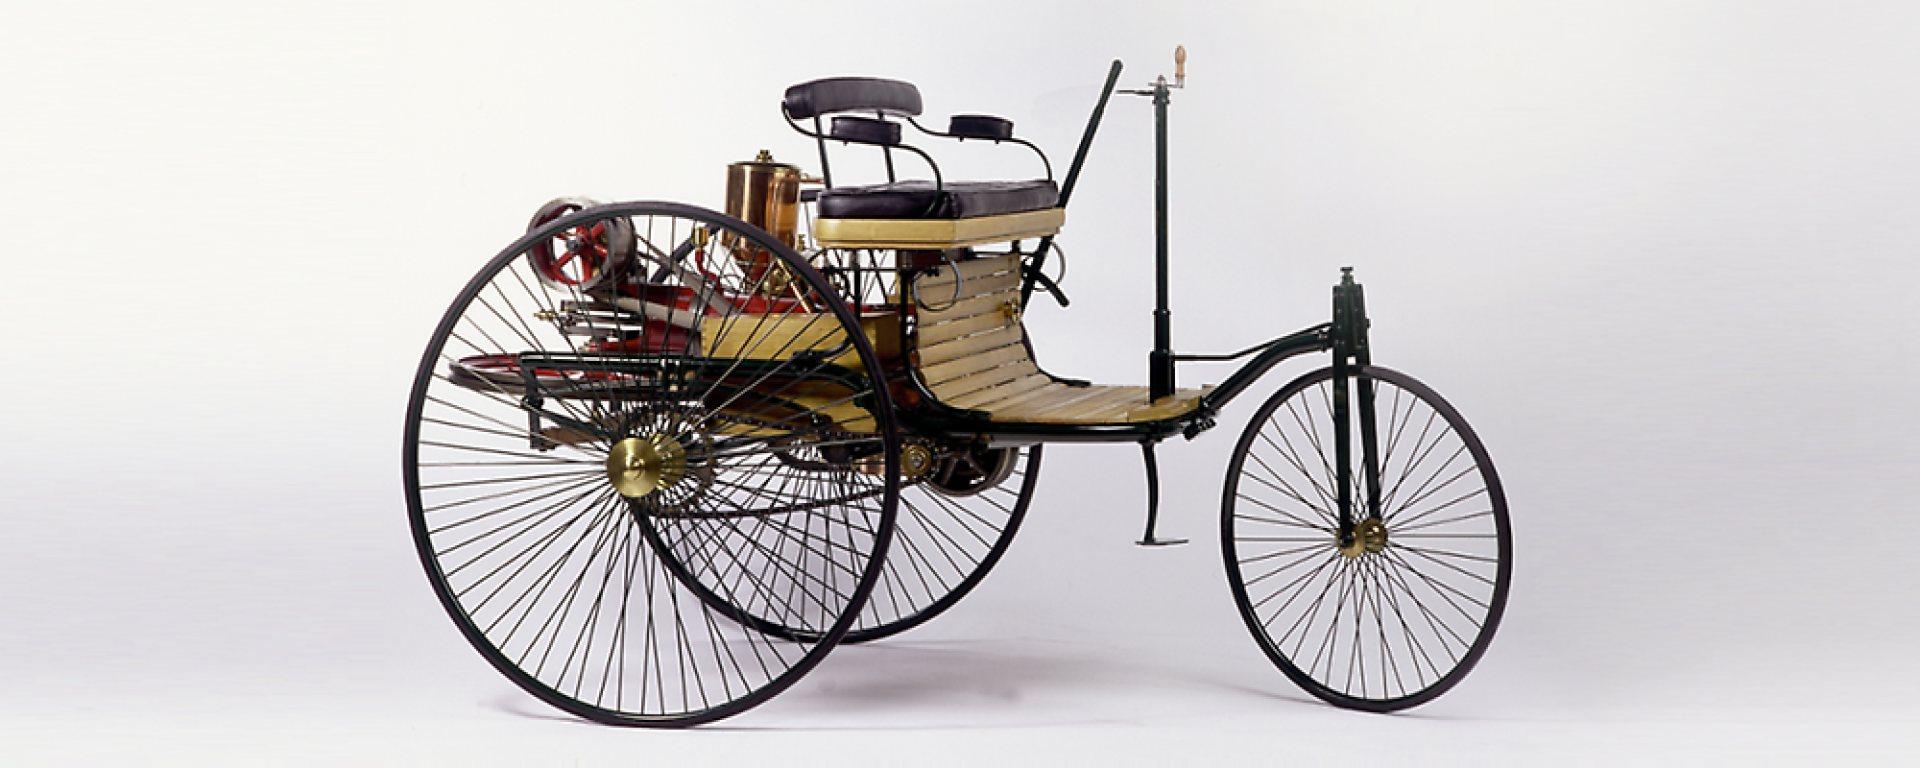 На тази дата преди 134 години: Карл Бенц създаде първия автомобил с ДВГ